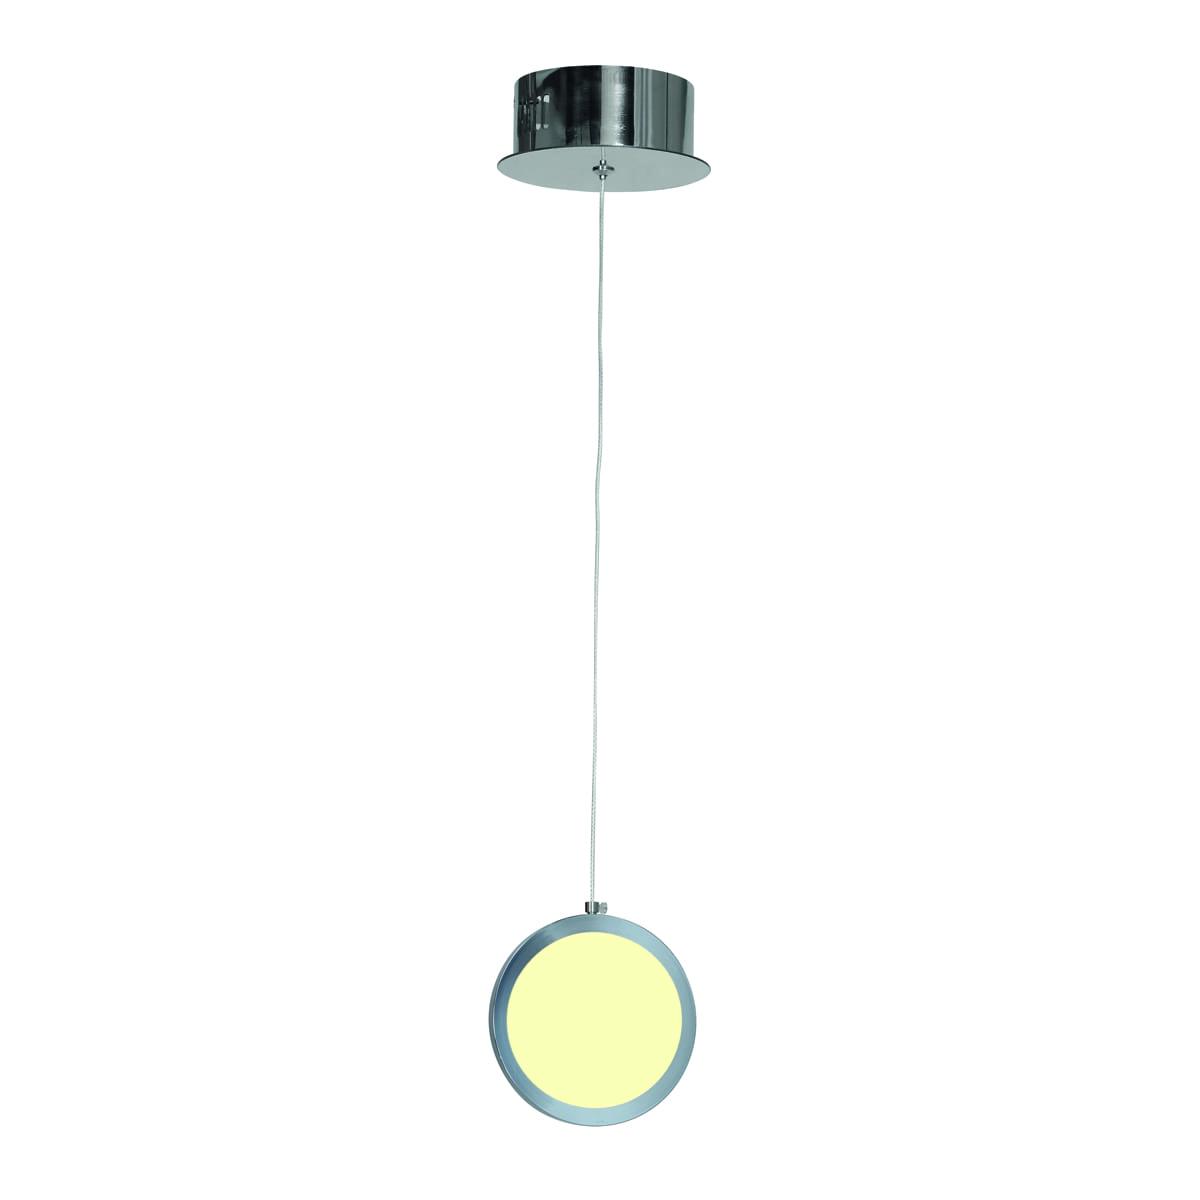 Lampa suspendată Milagro CIRCOLO 264 Chrome 7W